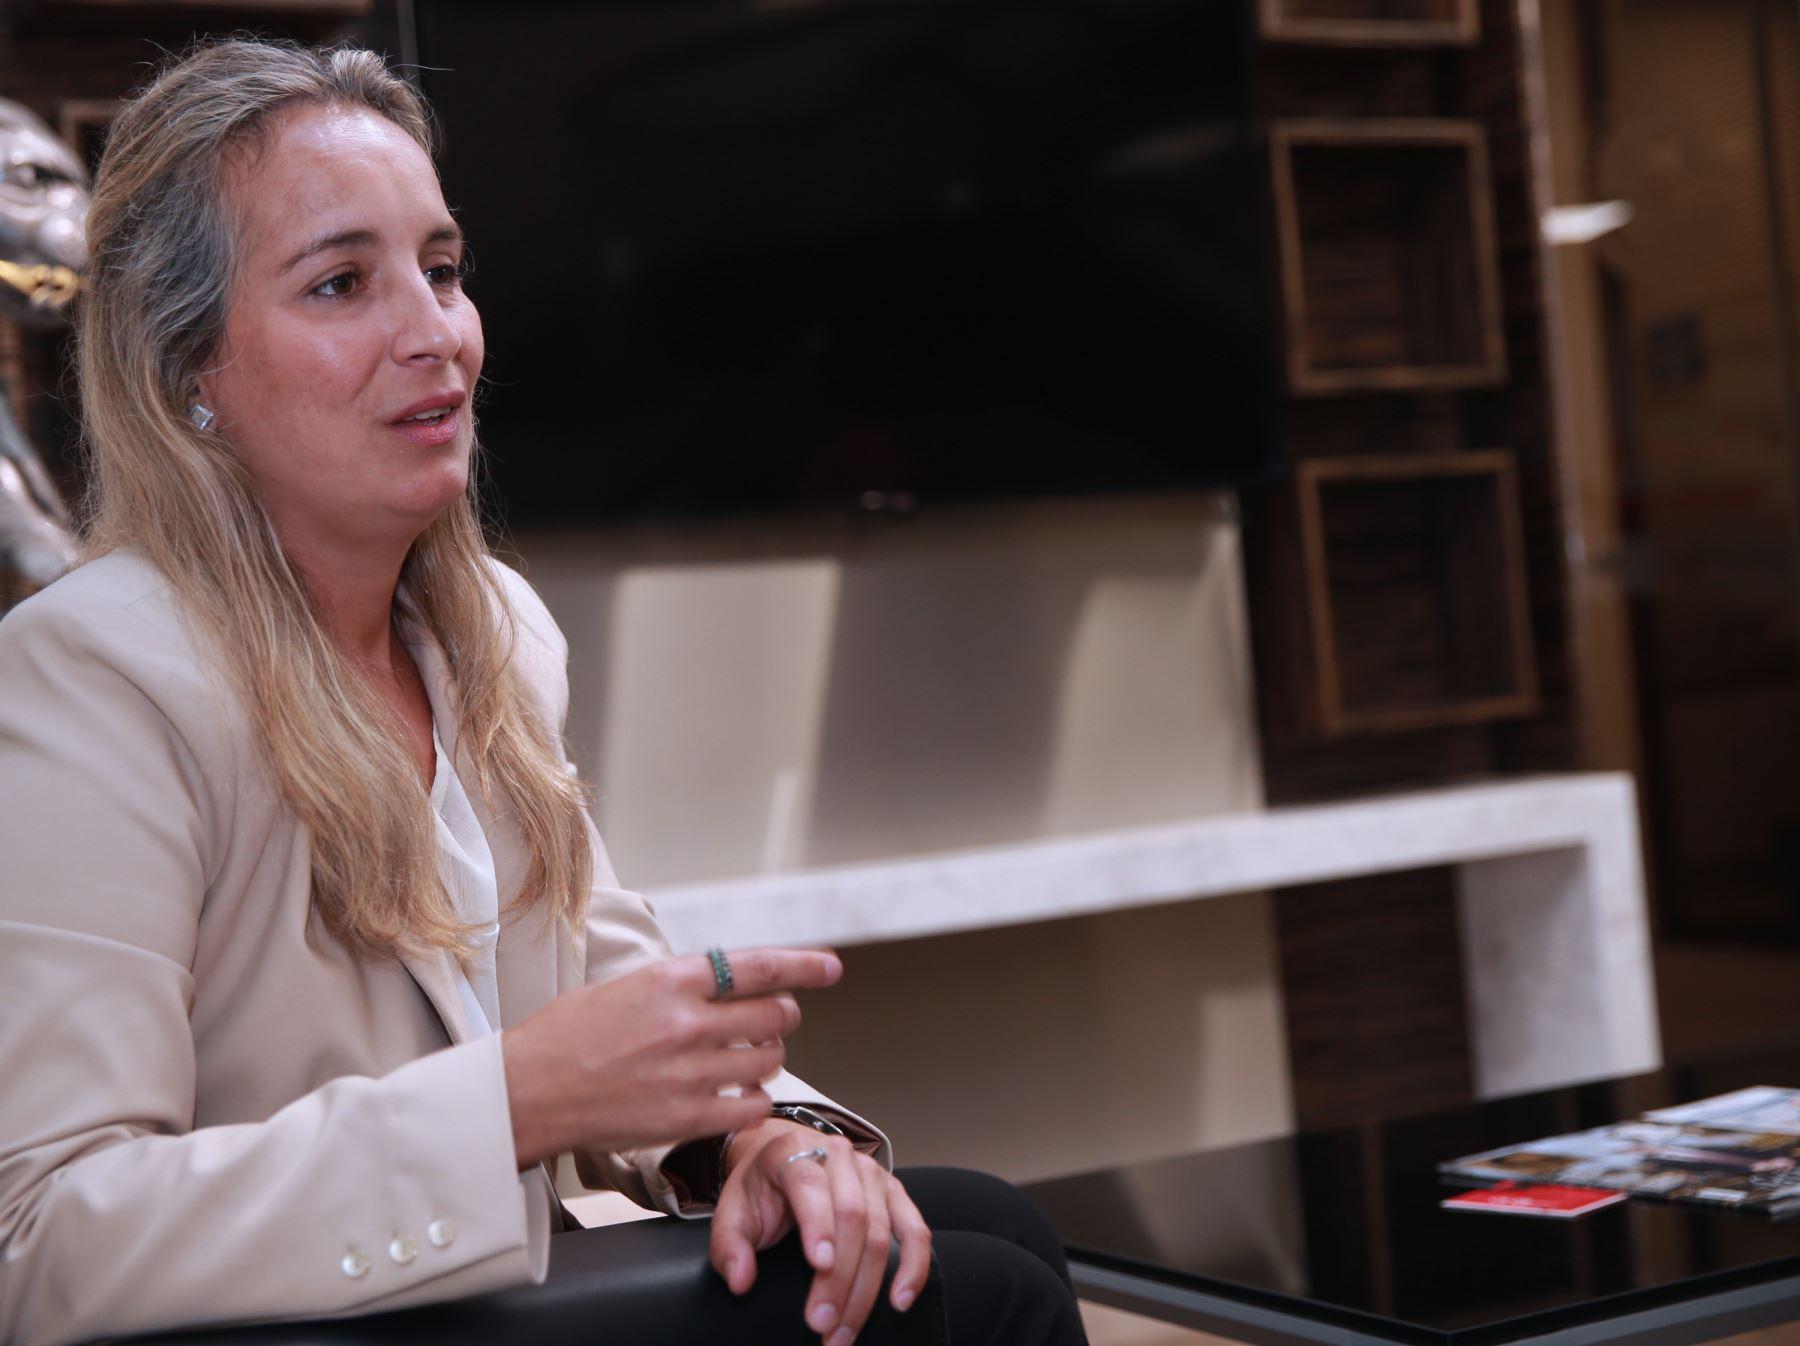 Valentina Schmitt se encuentra en Lima para continuar interesante investigación. ANDINA/Norman Córdova